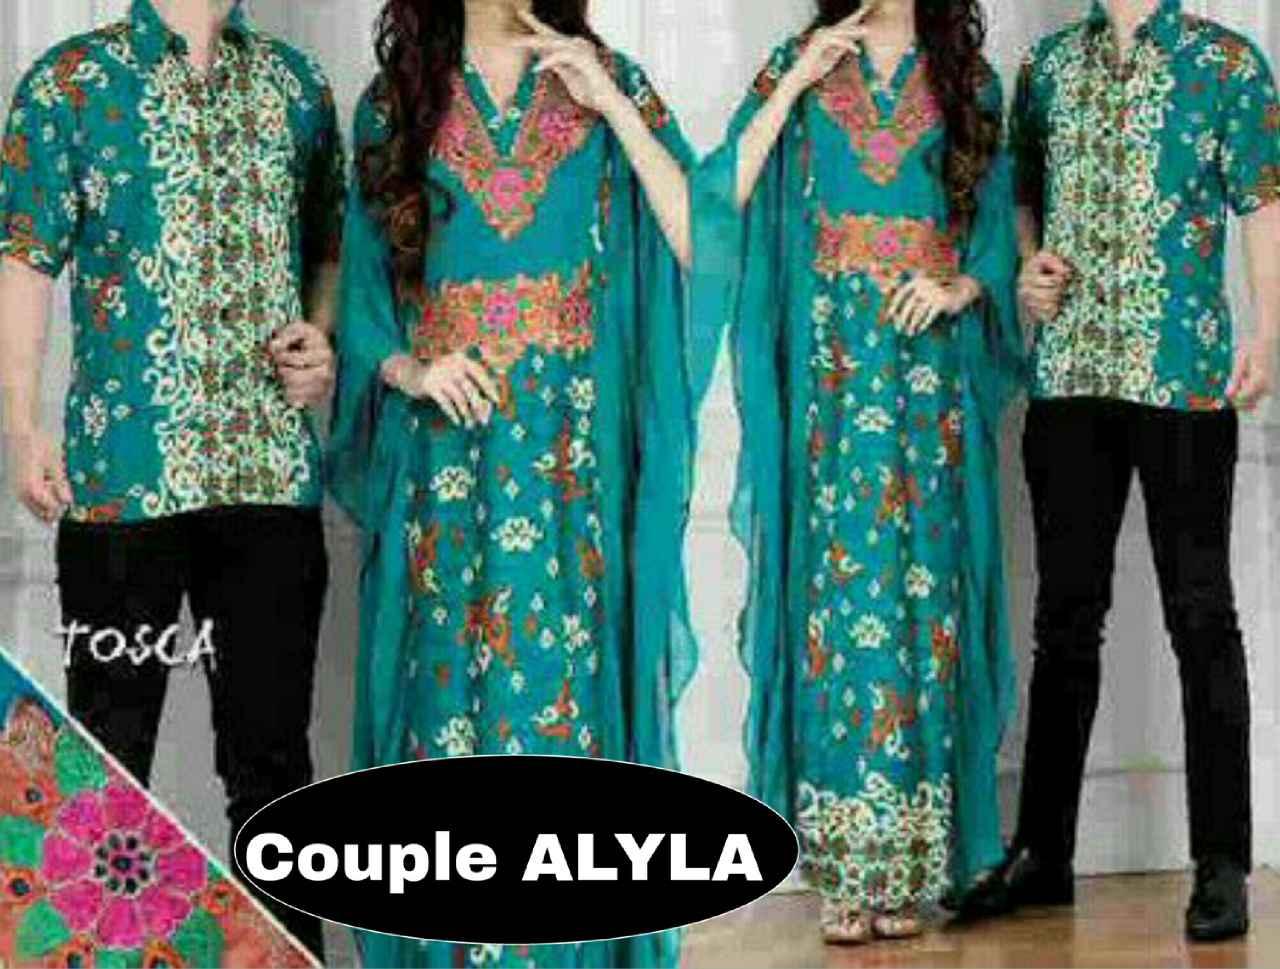 COUPLE ALYLA BAJU COUPLE MURAH